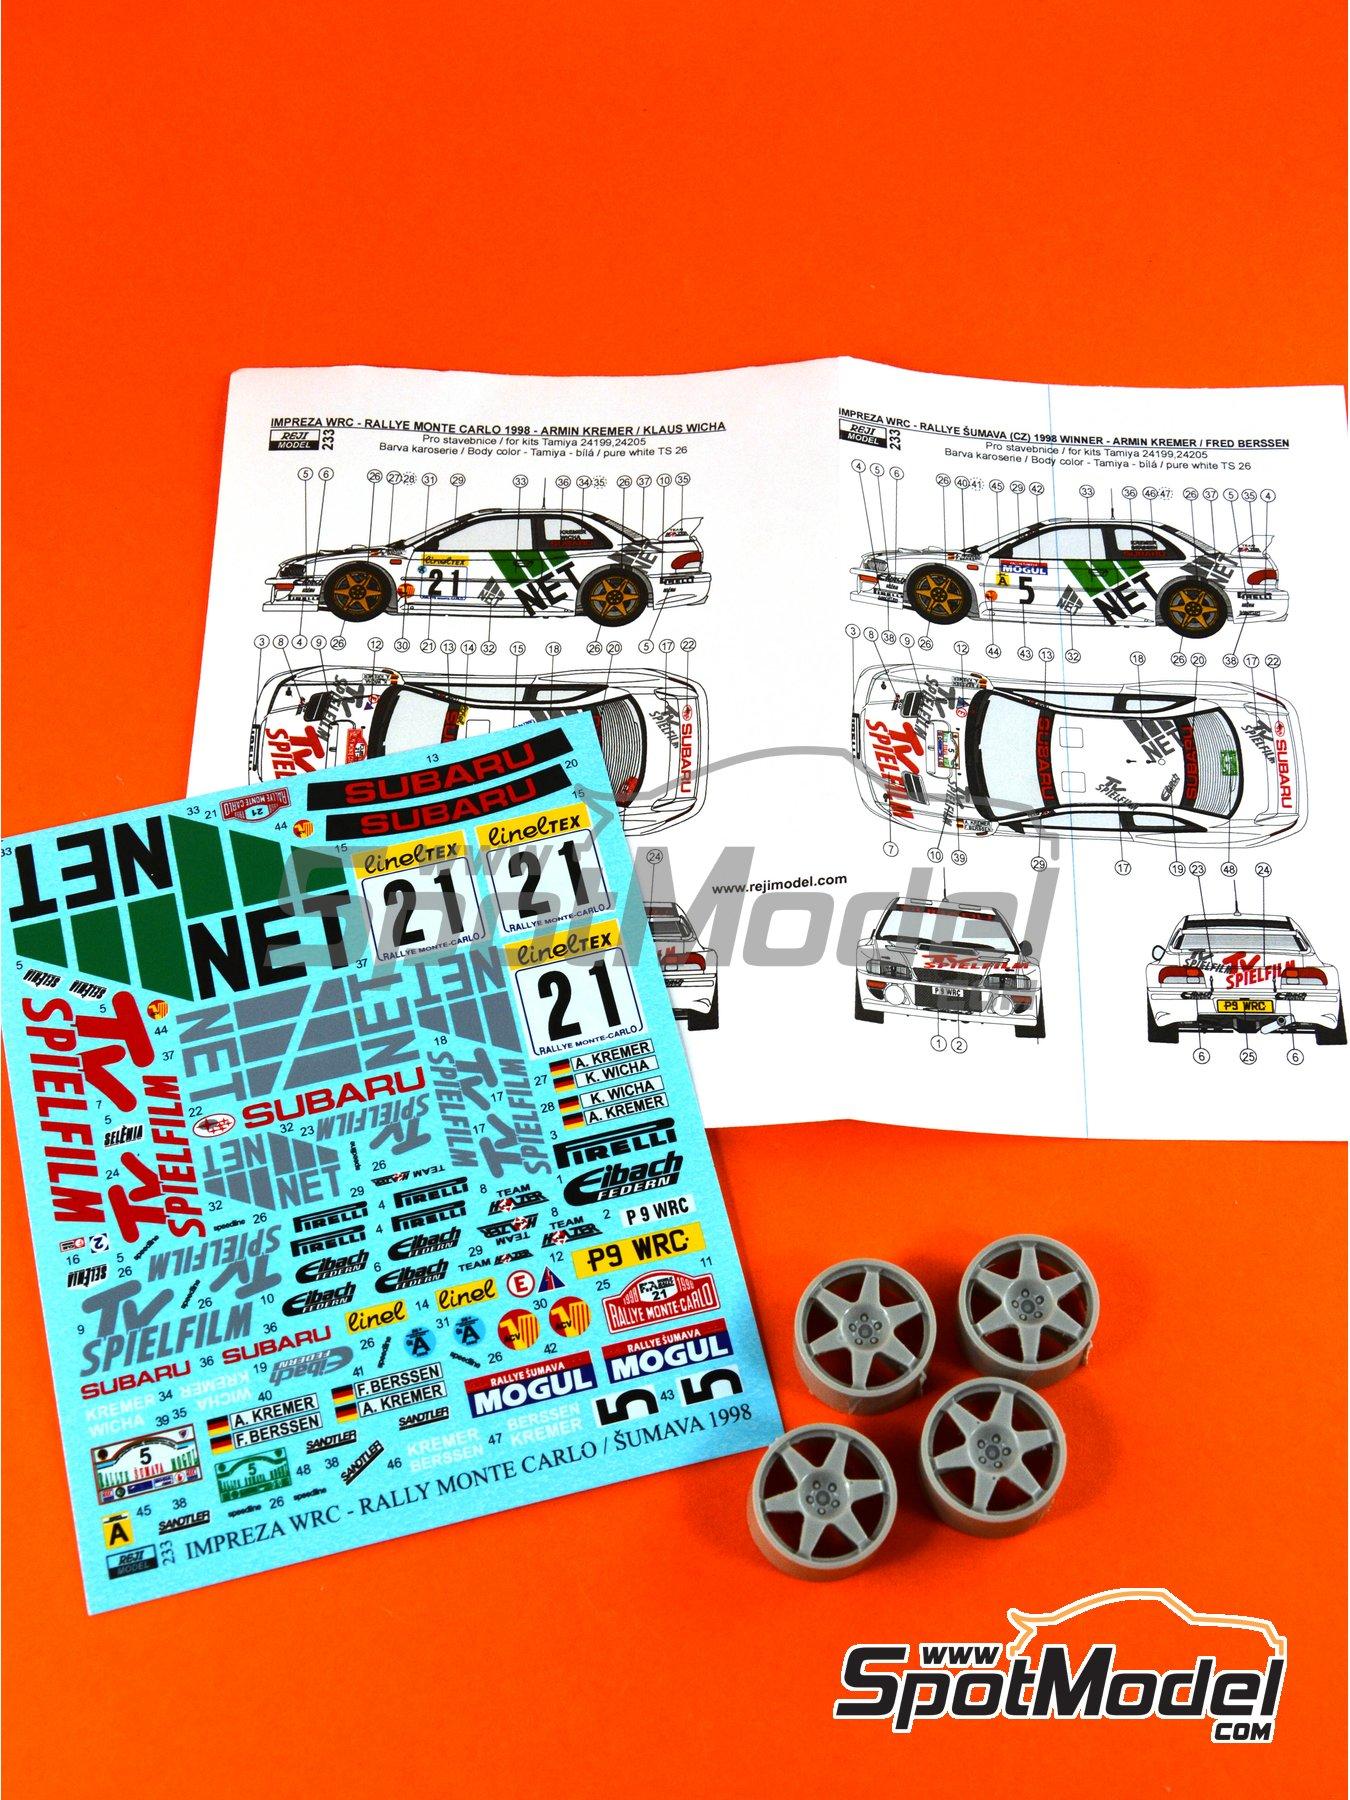 Subaru Impreza WRC TV Spielfilm - Rally de Montecarlo 1998 | Decoración en escala1/24 fabricado por Reji Model (ref.REJI-233) image